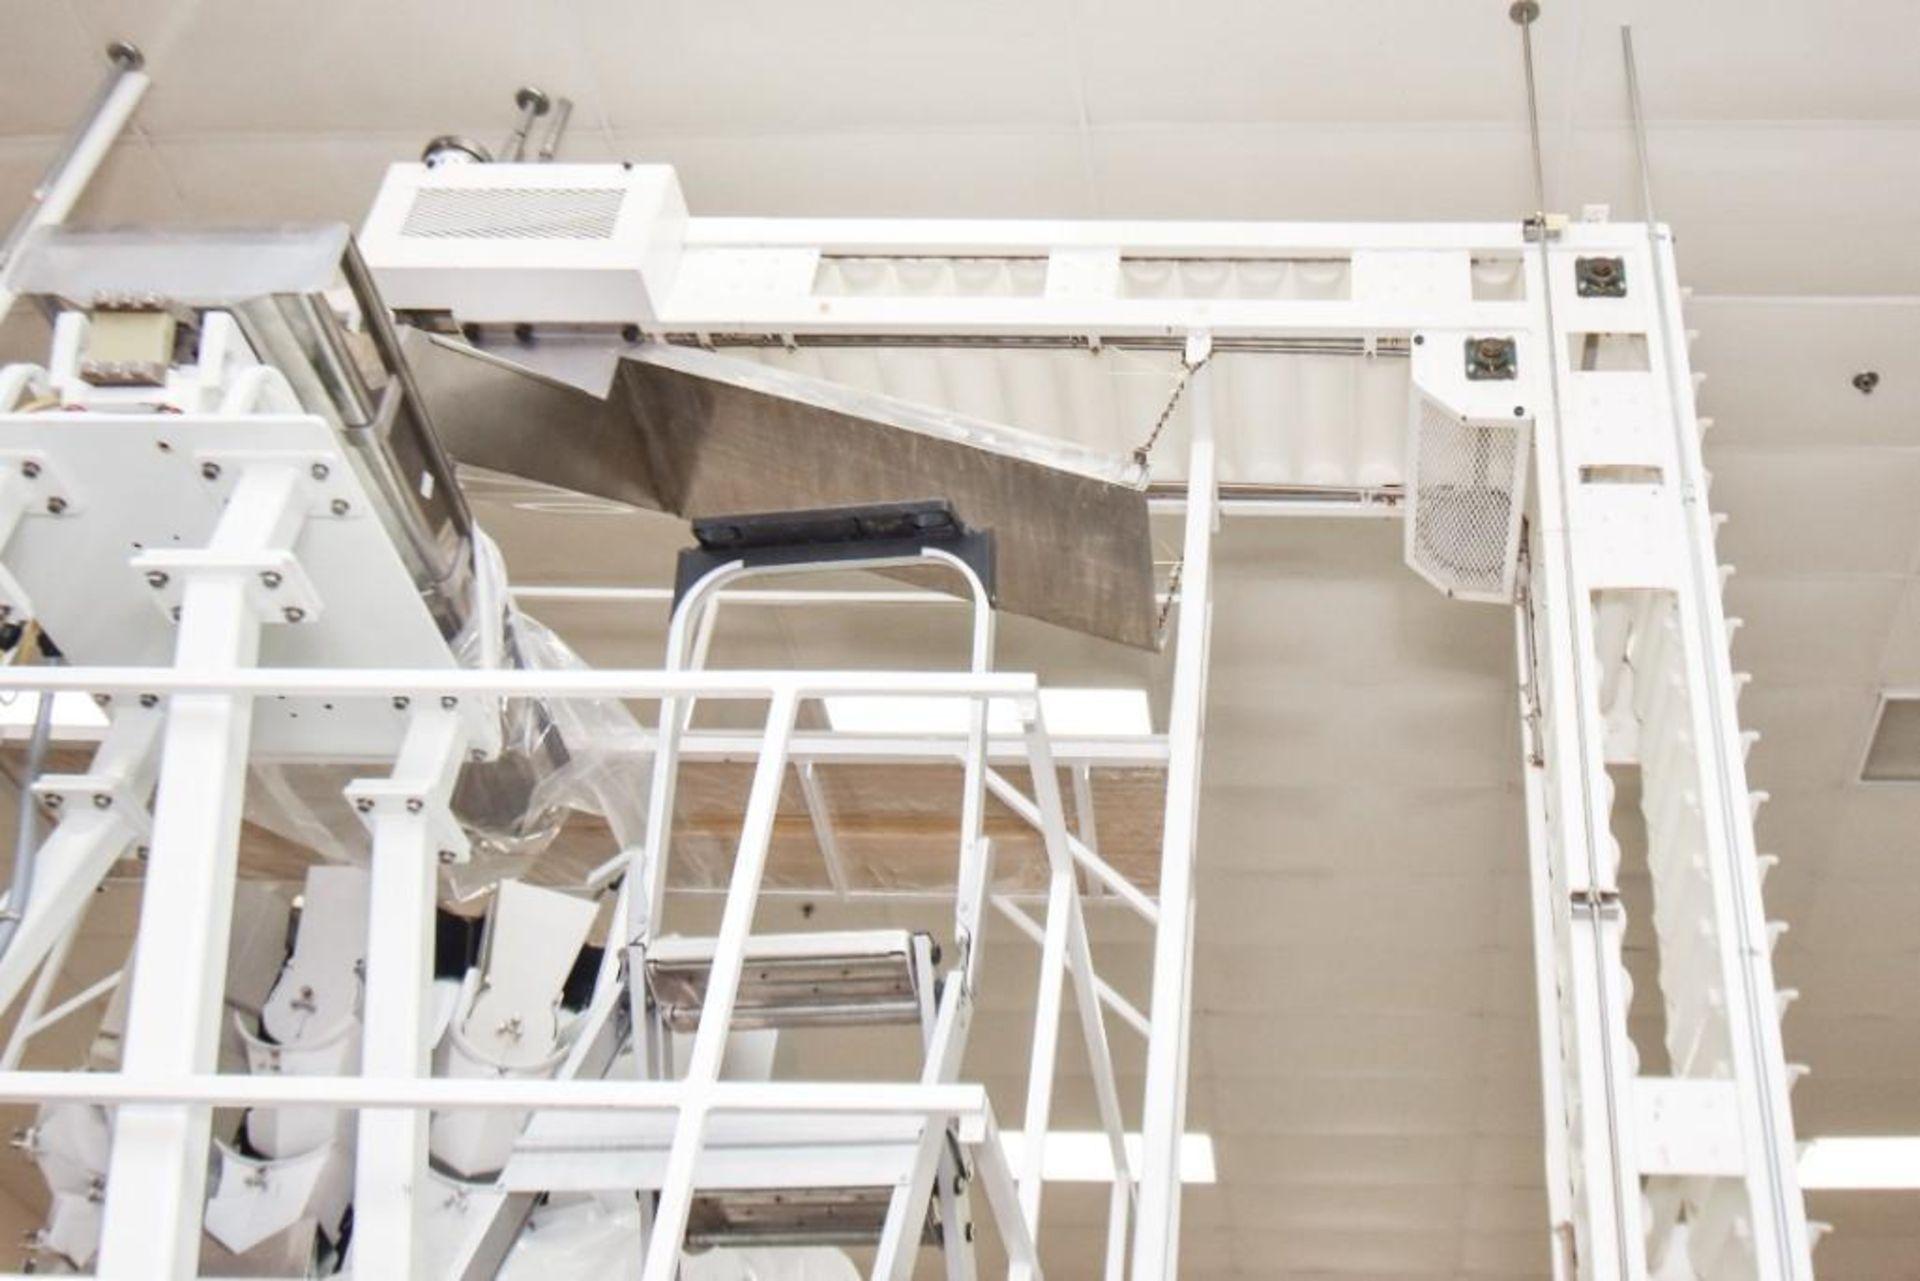 RBM Bucket Elevator LD100-18 - Image 3 of 8